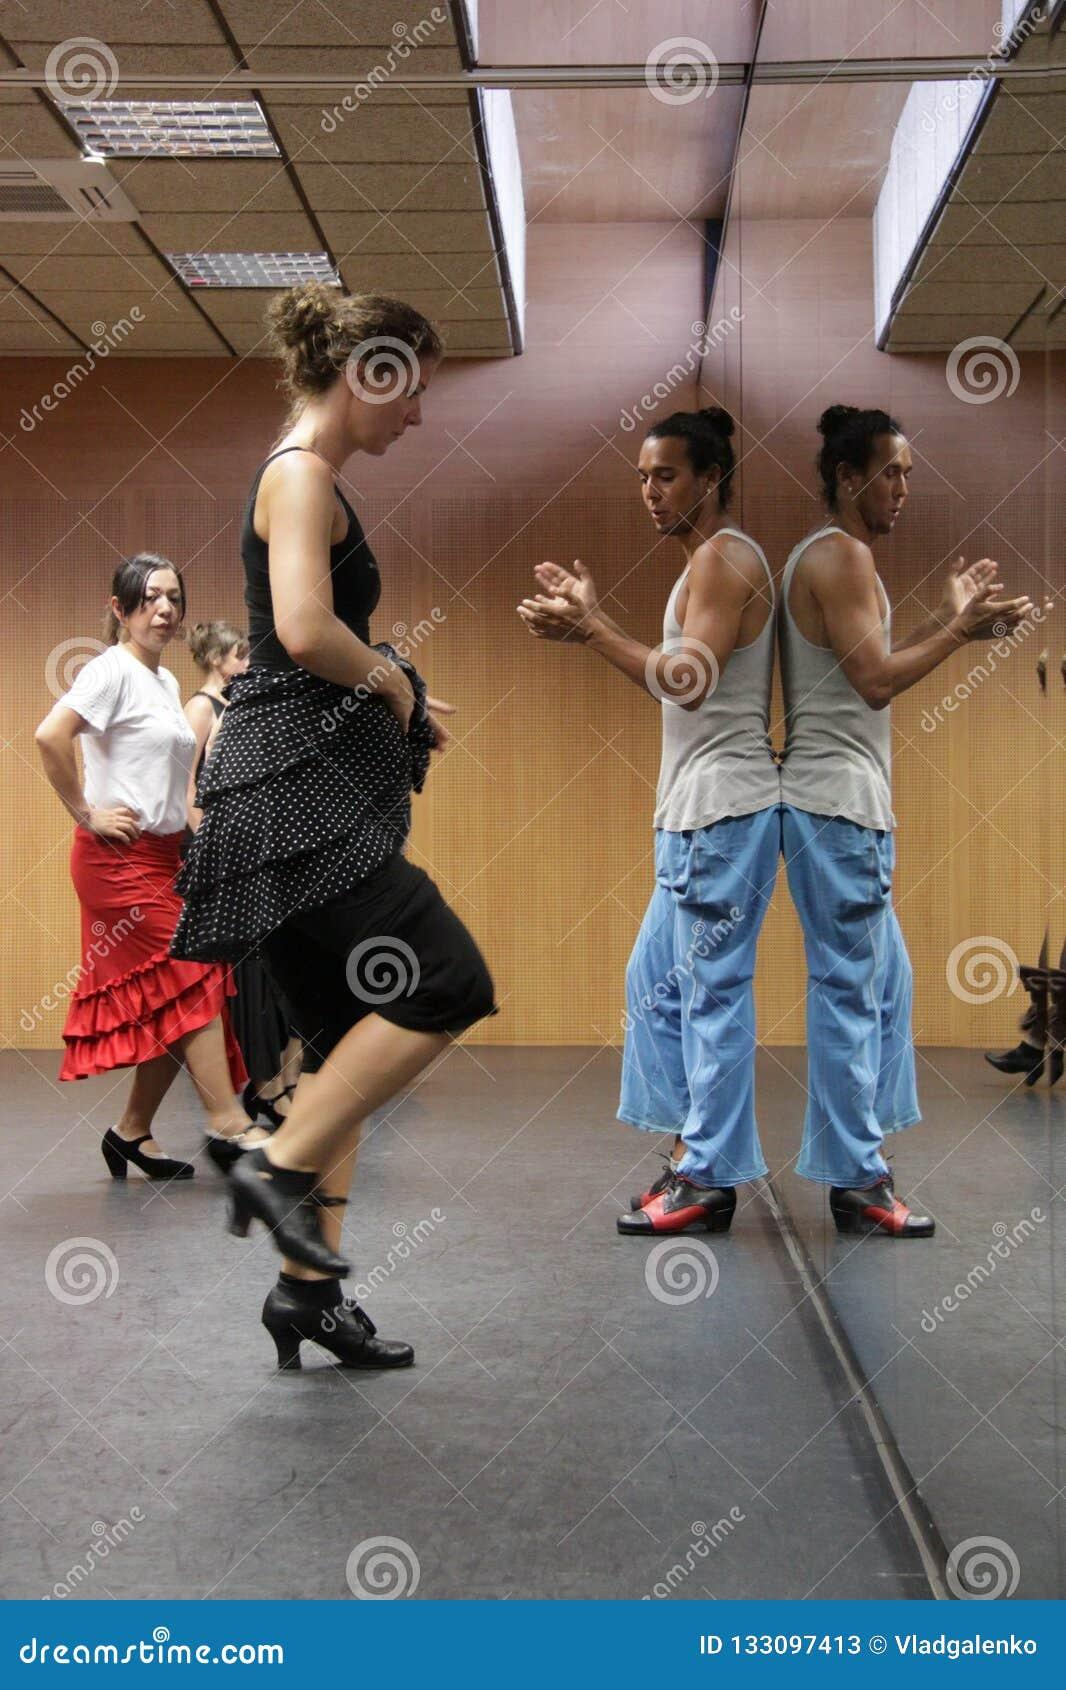 Flamencolehrer Miguel Vargas in der Flamencokunstmitte 'La Merced 'in Cadiz